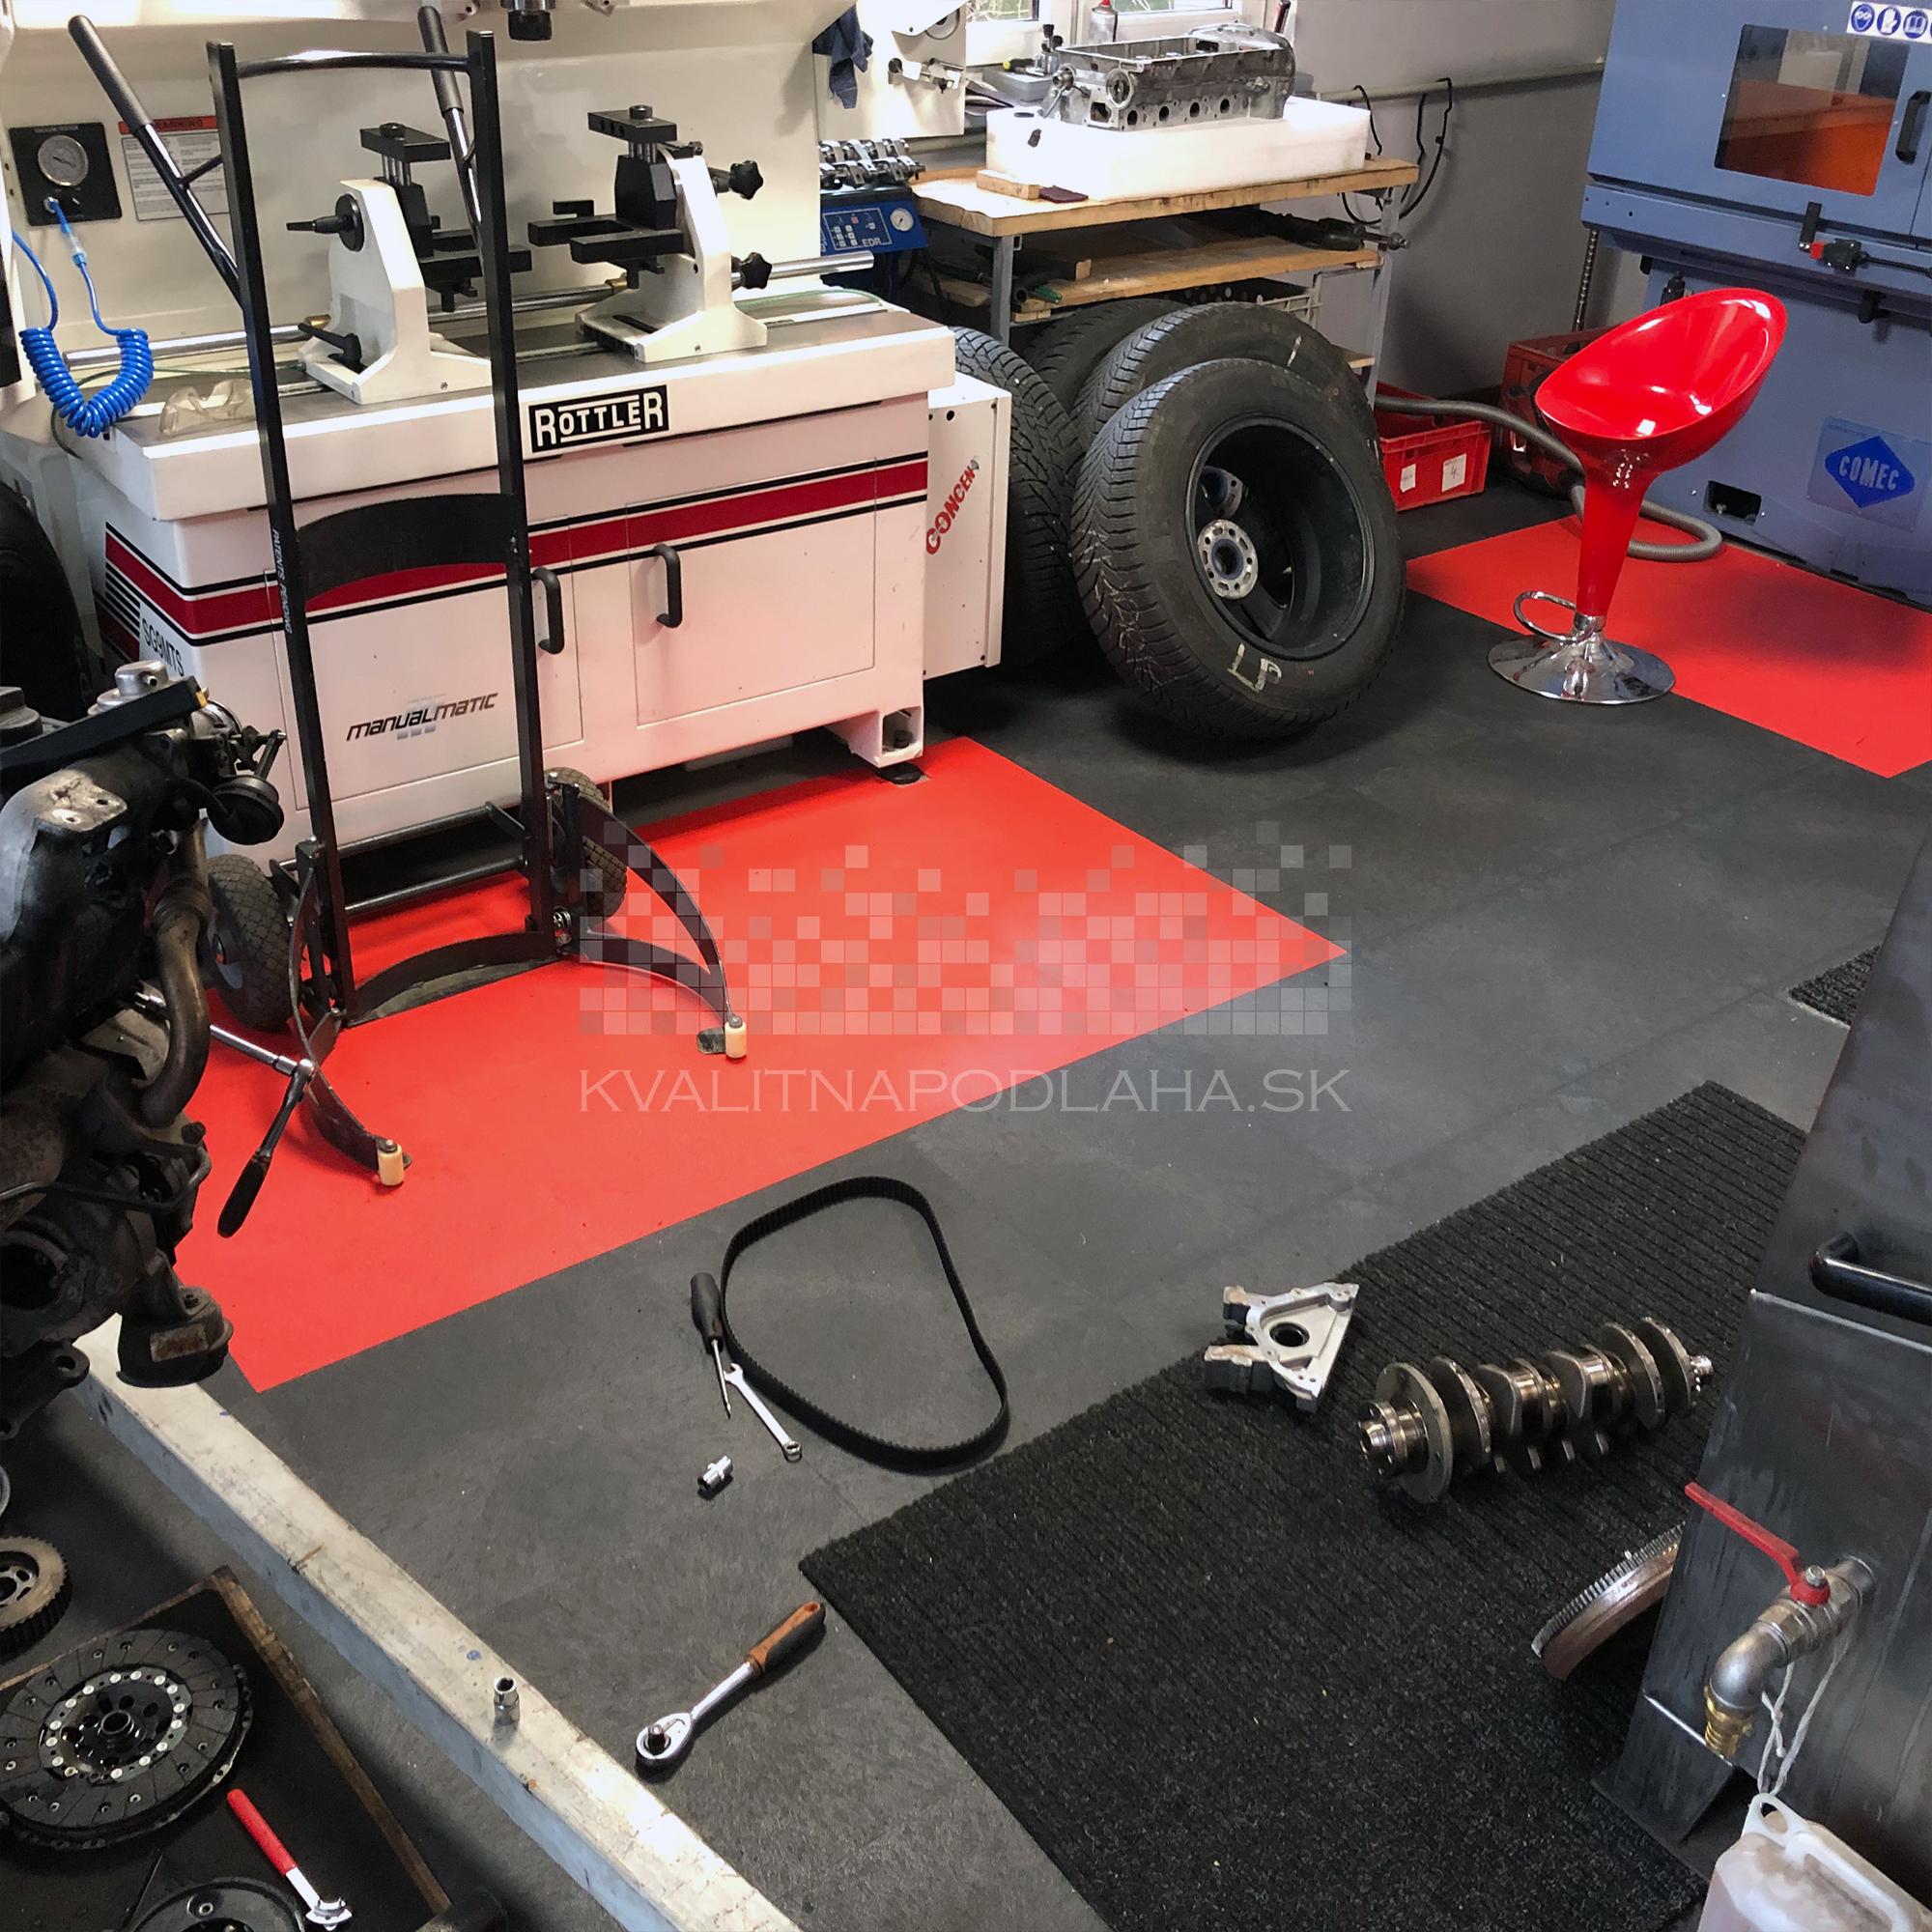 Odolná záťažová PVC podlaha Fortelock Invisible so skrytými zámkami v auto dielni.